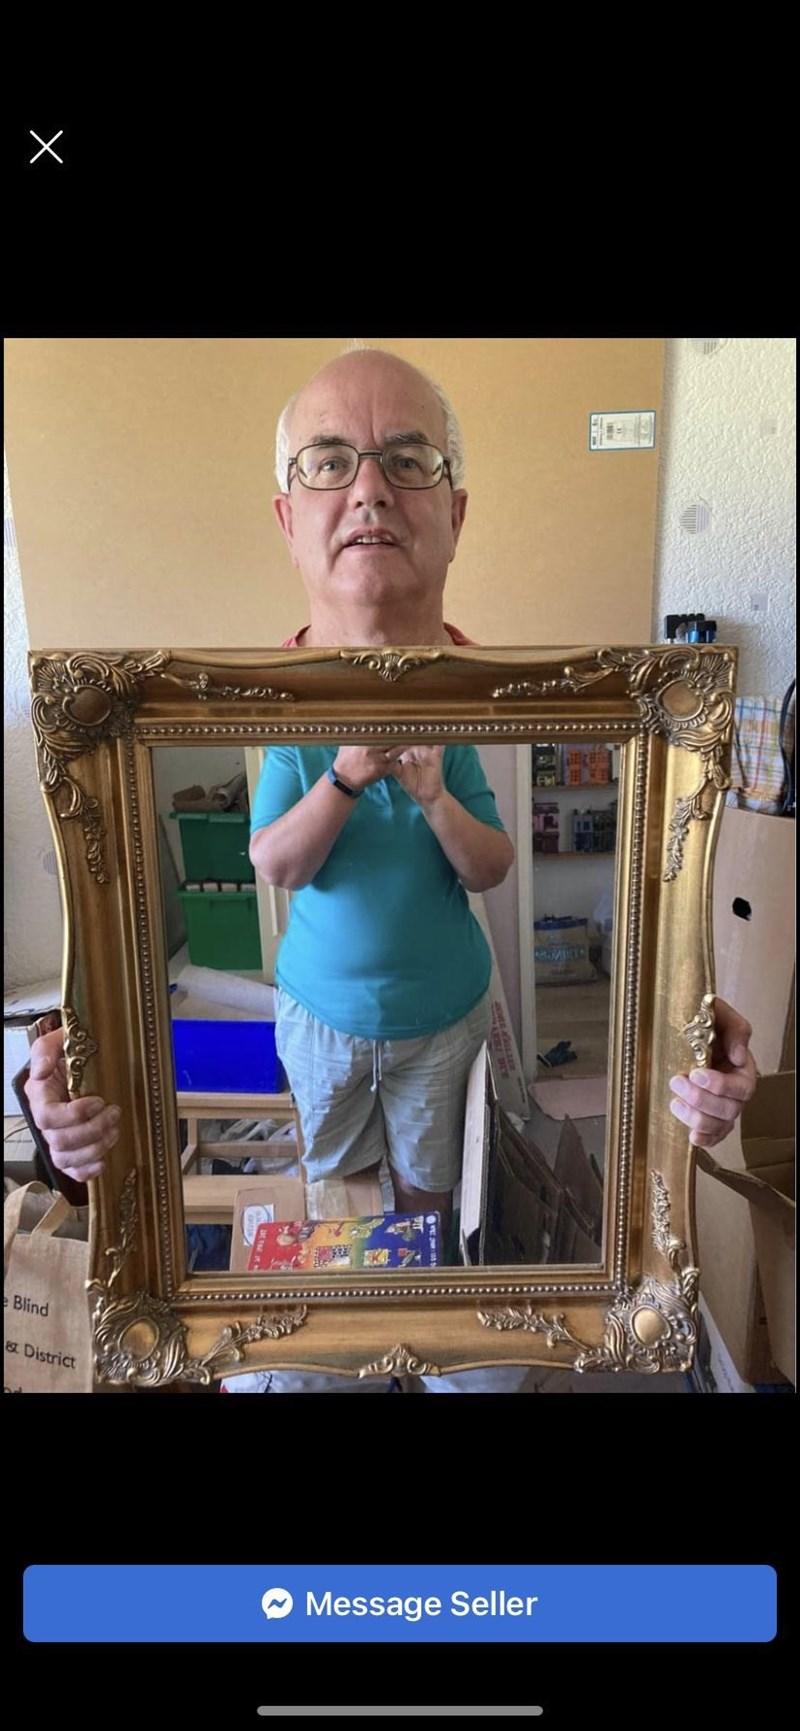 Glasses - Blind District Message Seller